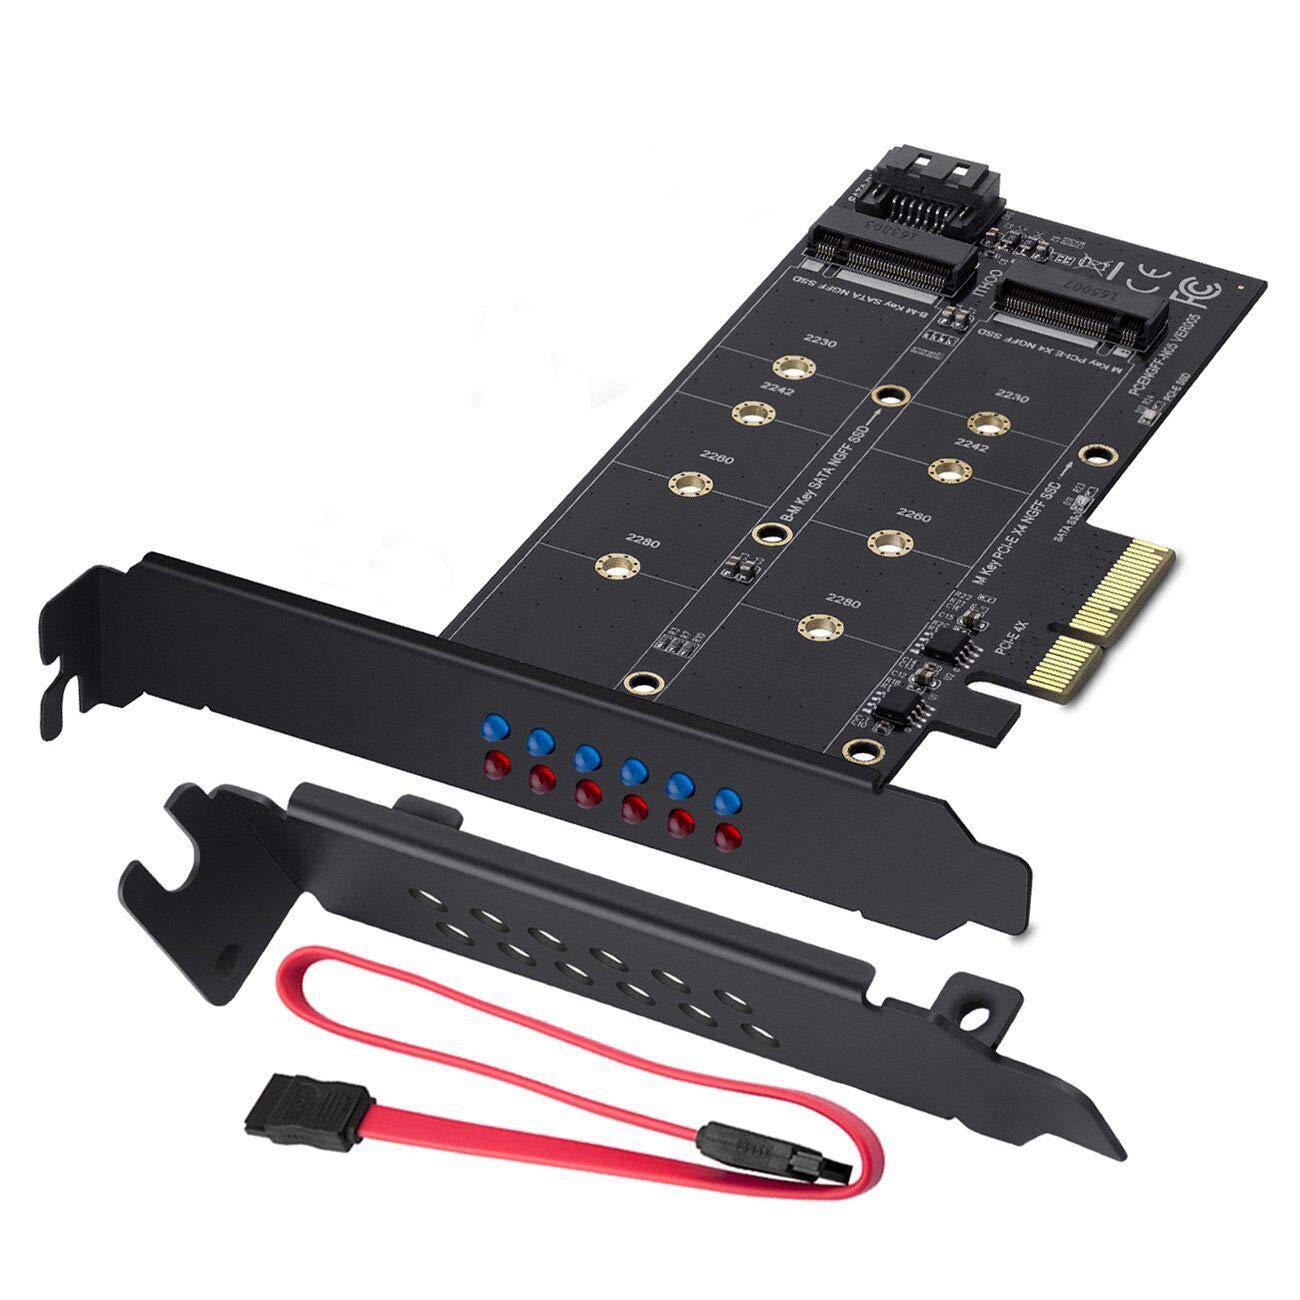 und zweite M.2-PCIe-3.0-SSD M-Key B-Key Hinzuf/ügen von M.2-SSD-Ger/äten zu PC oder Motherboard MZHOU Dual-M.2-SATA-III- und M2-zu-PCIe-3.0-X4-Adapterkarte unterst/ützt 1 M.2-SATA-III-SSD